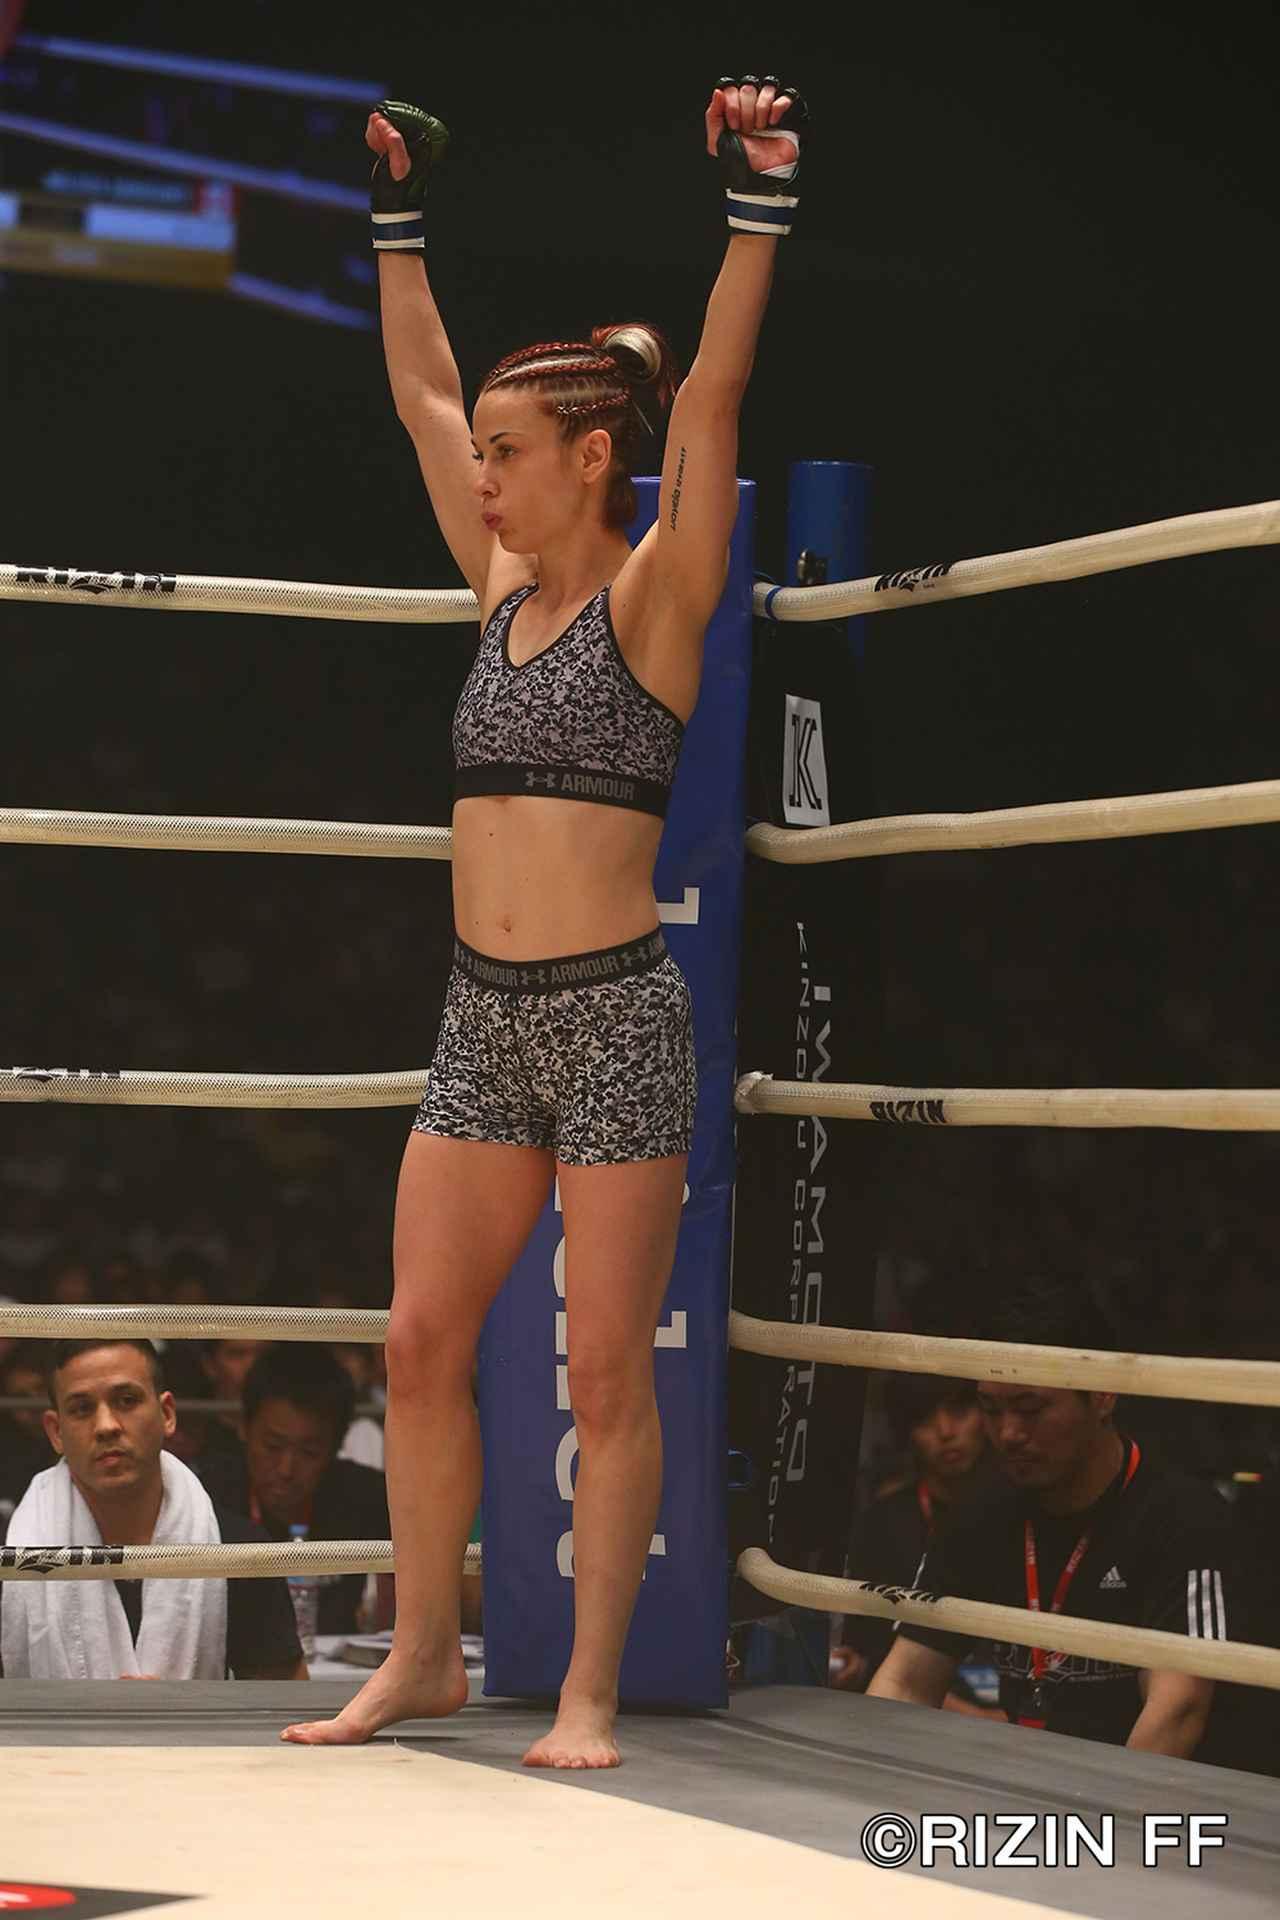 画像1: 女王カンナの2018年初戦は判定勝ち そして試合後、RENAがリマッチを要求!